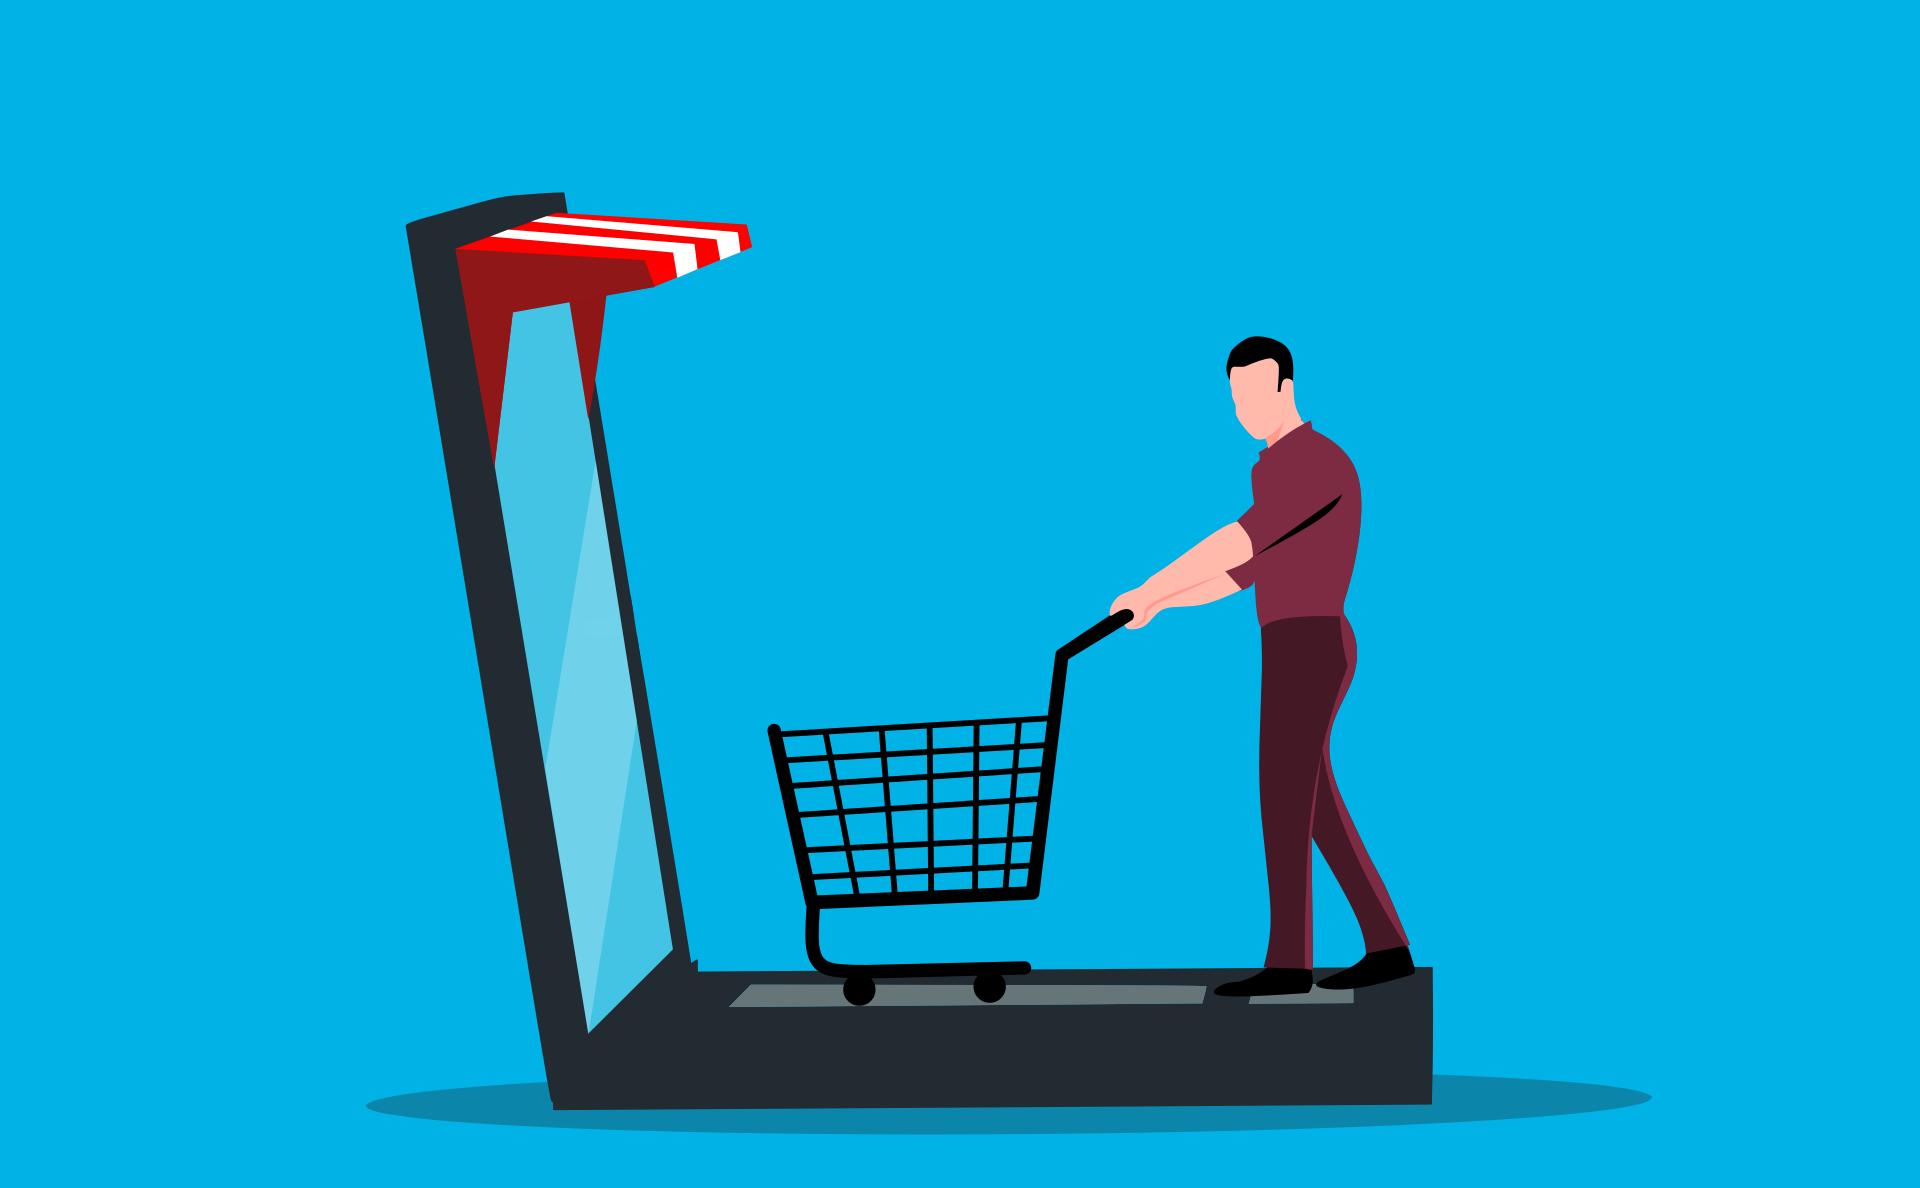 illustration of ecommerce